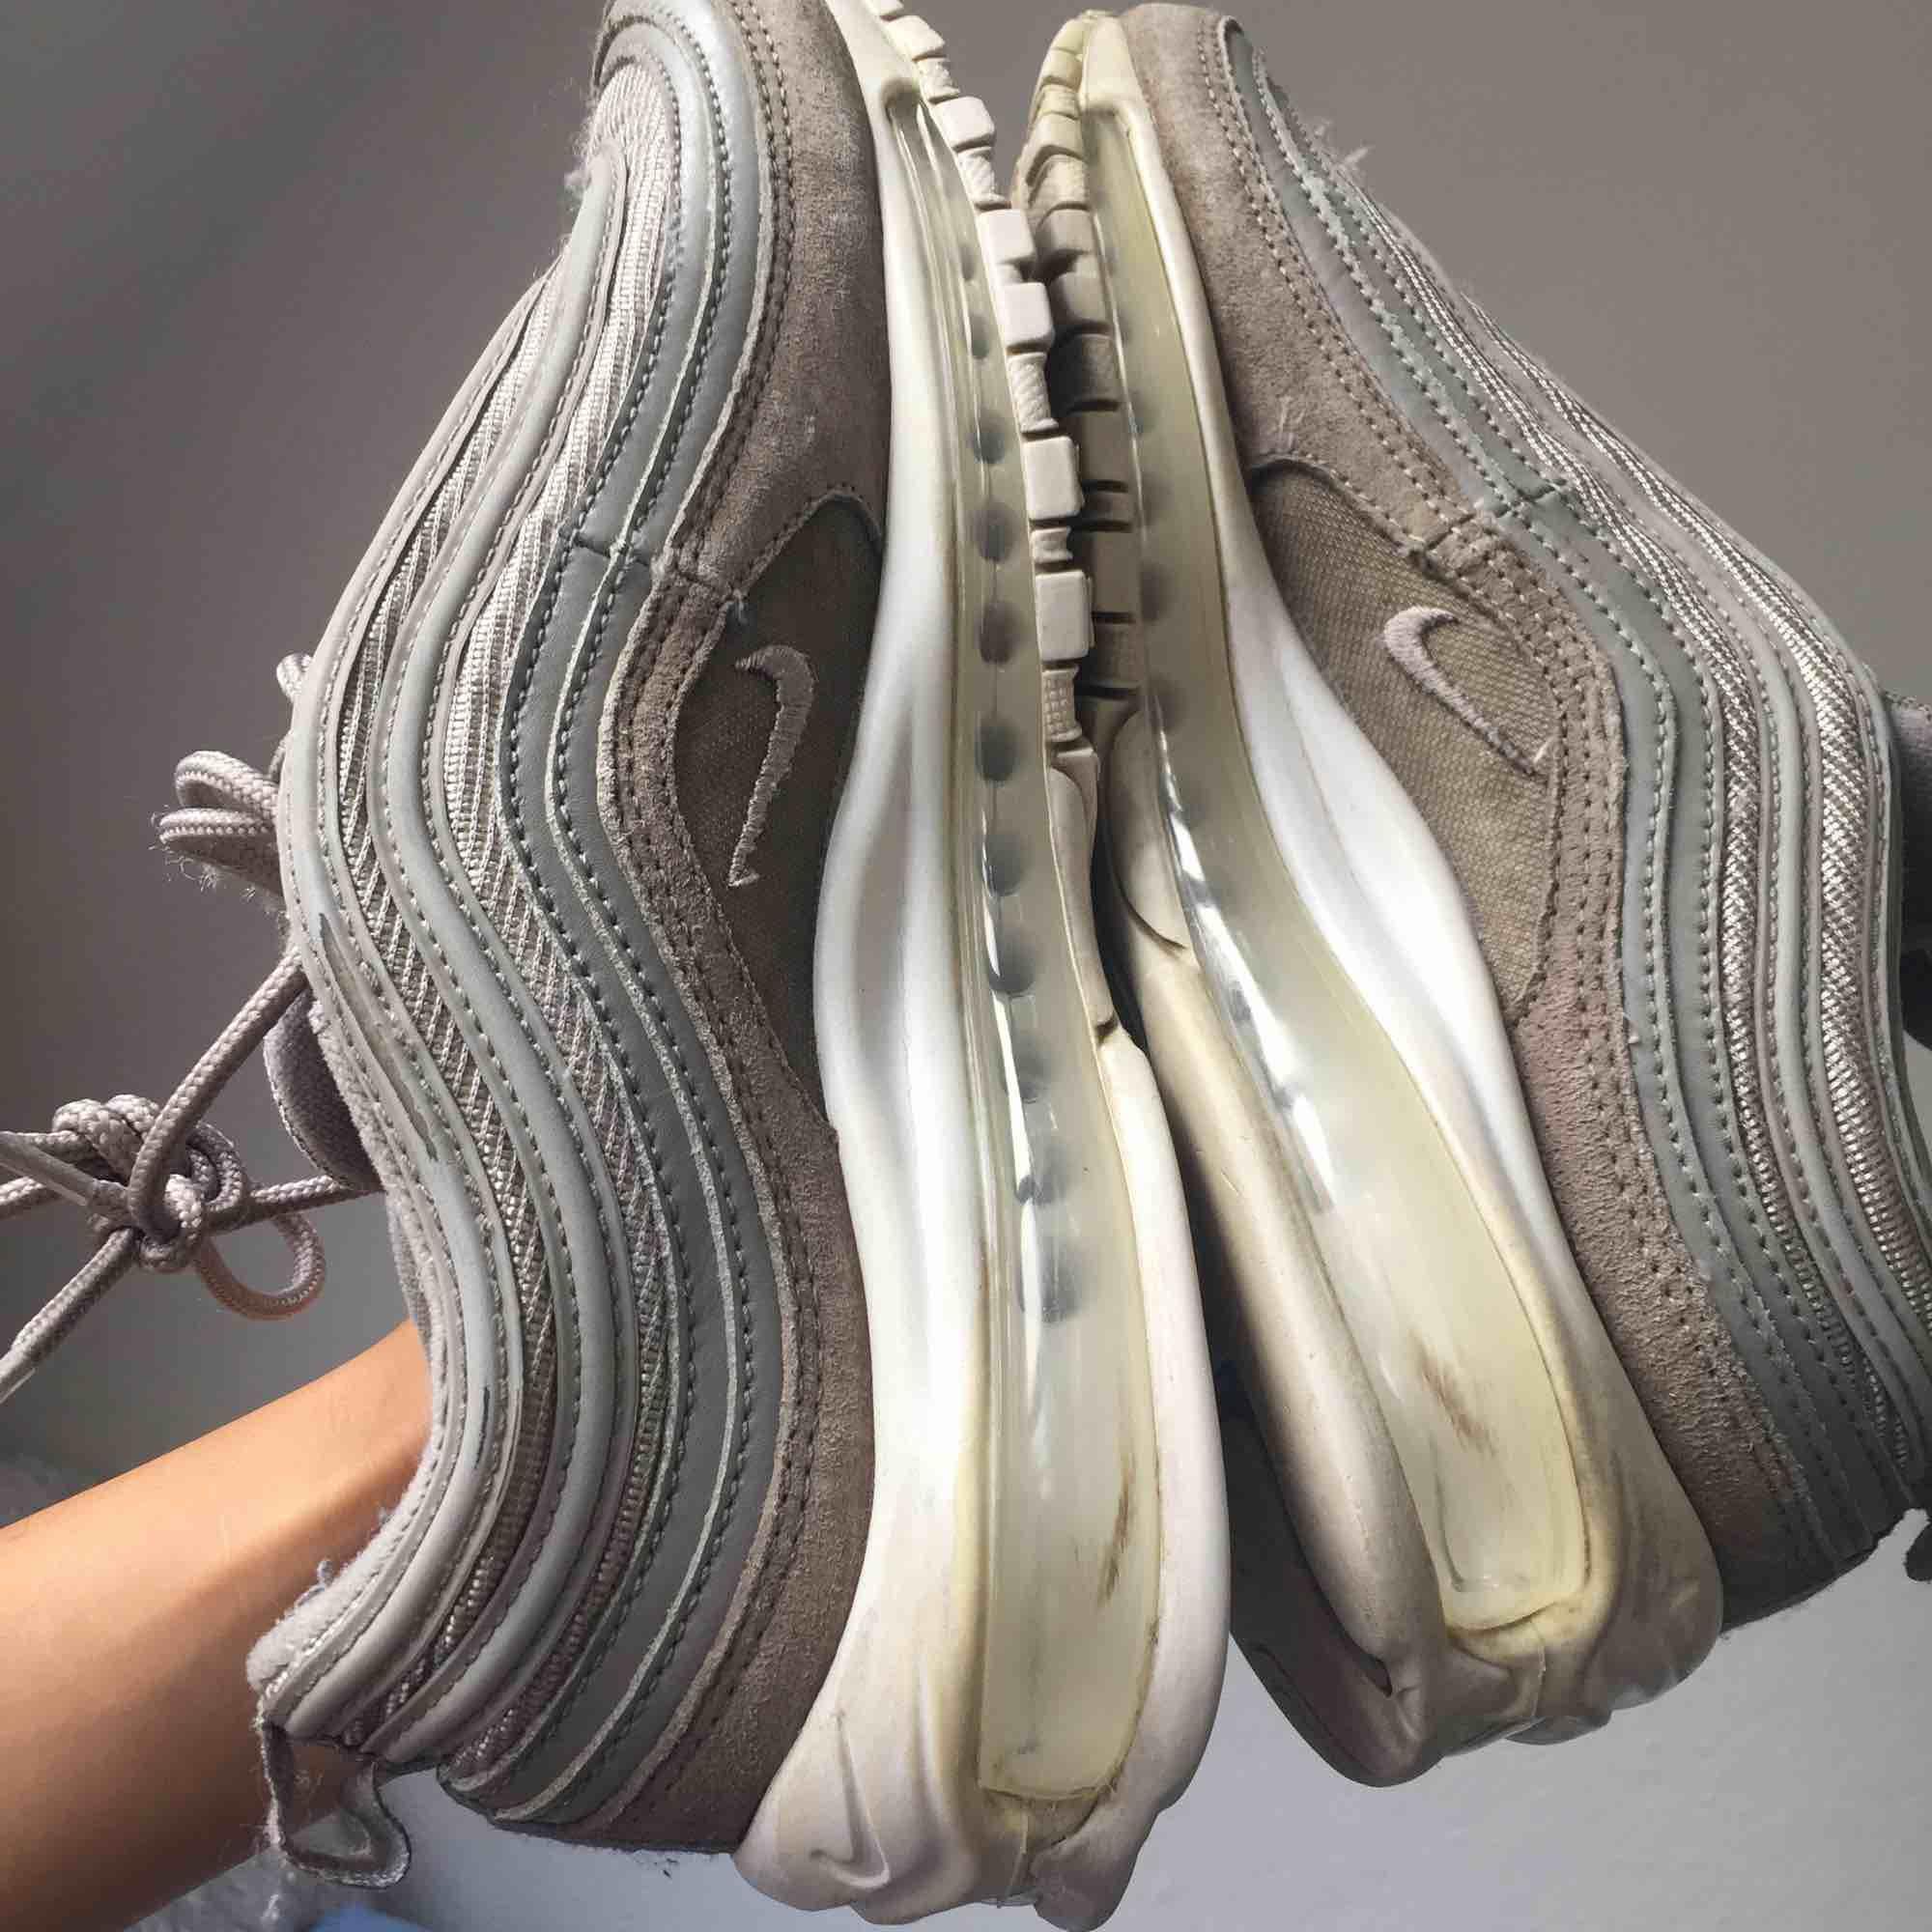 Säljer ett par Nike Air Max 97 🤩 Väl använda men har mer att ge 💪🏽 Pris är diskuterbart vid snabb affär!. Skor.